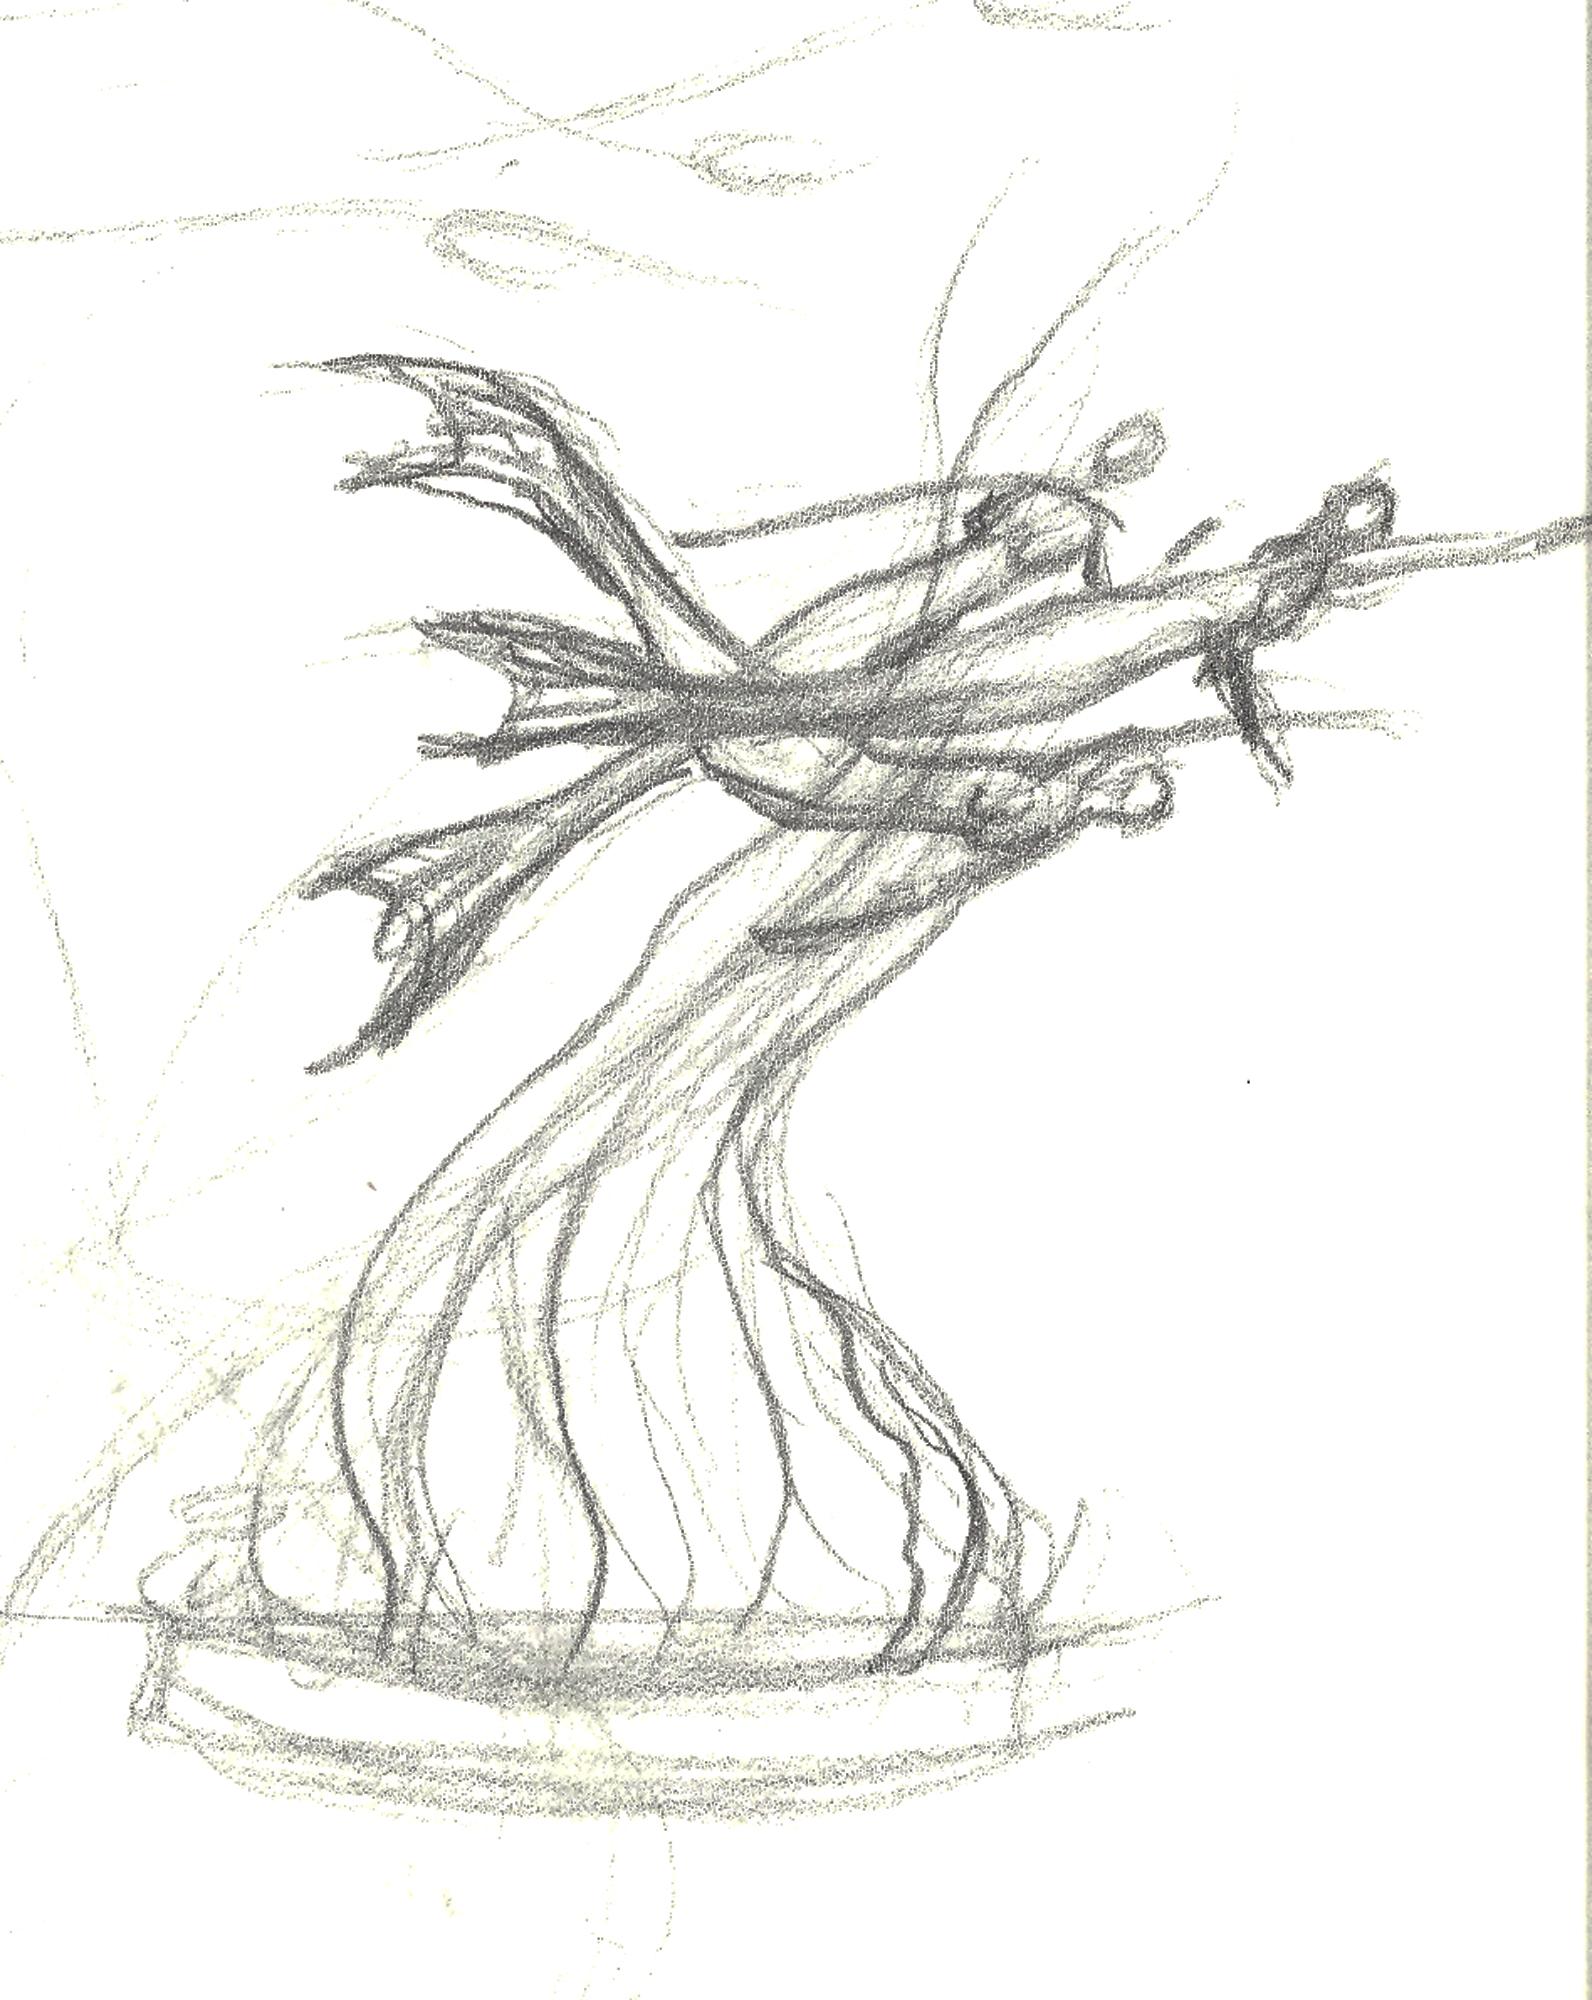 Mermaid Sculpture Drawings by Karl Deen Sanders